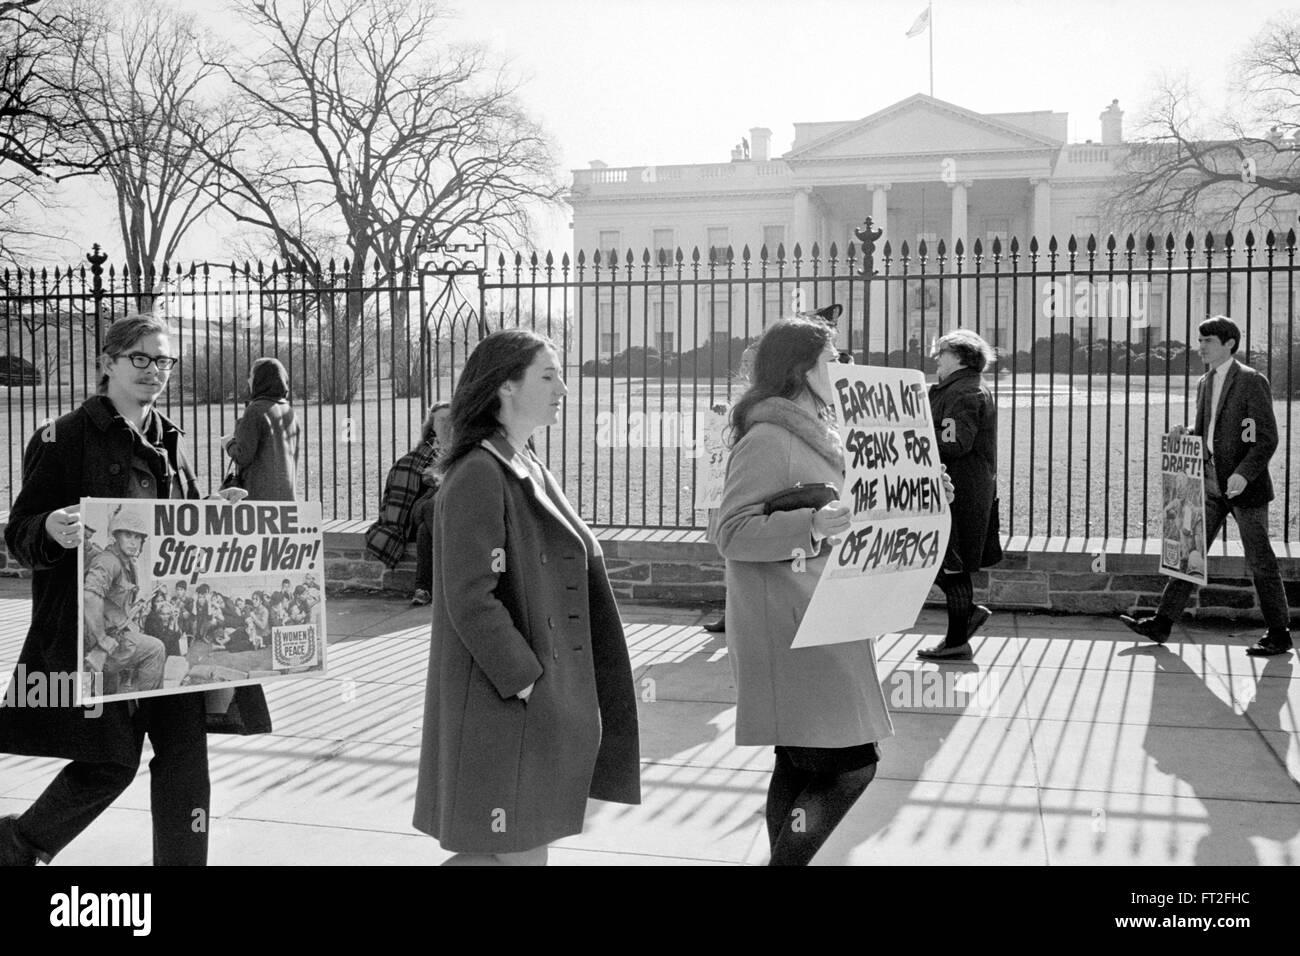 Protestation contre la guerre du Vietnam. Guerre Anti-Vietnam manifestants devant la Maison Blanche à Washington Photo Stock